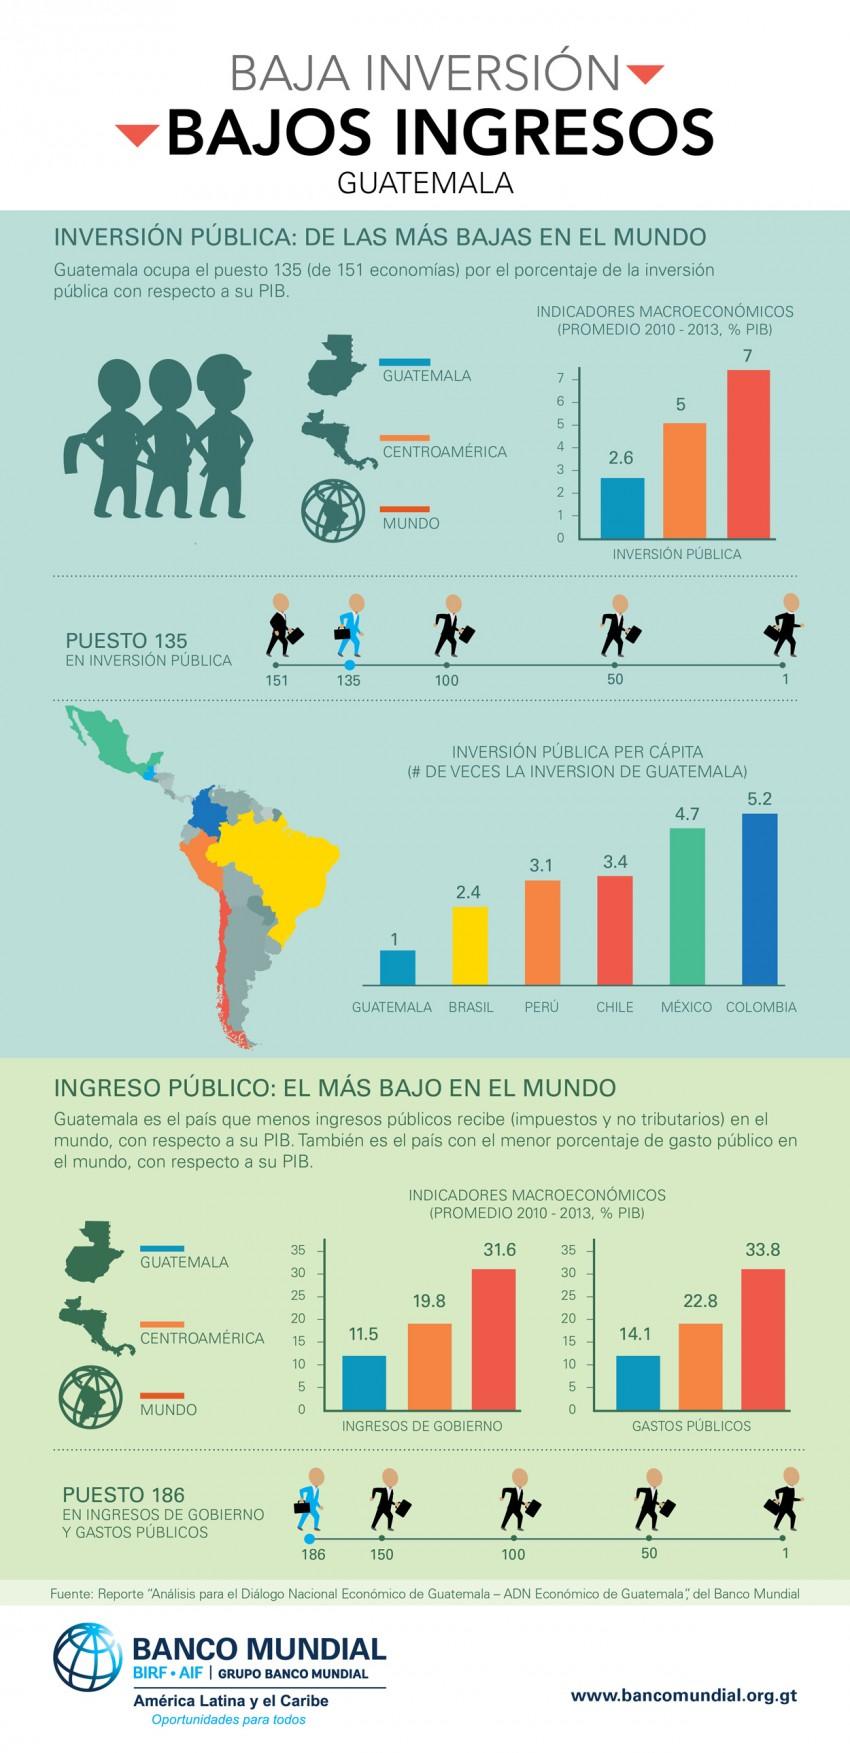 Guatemala: baja inversión pública